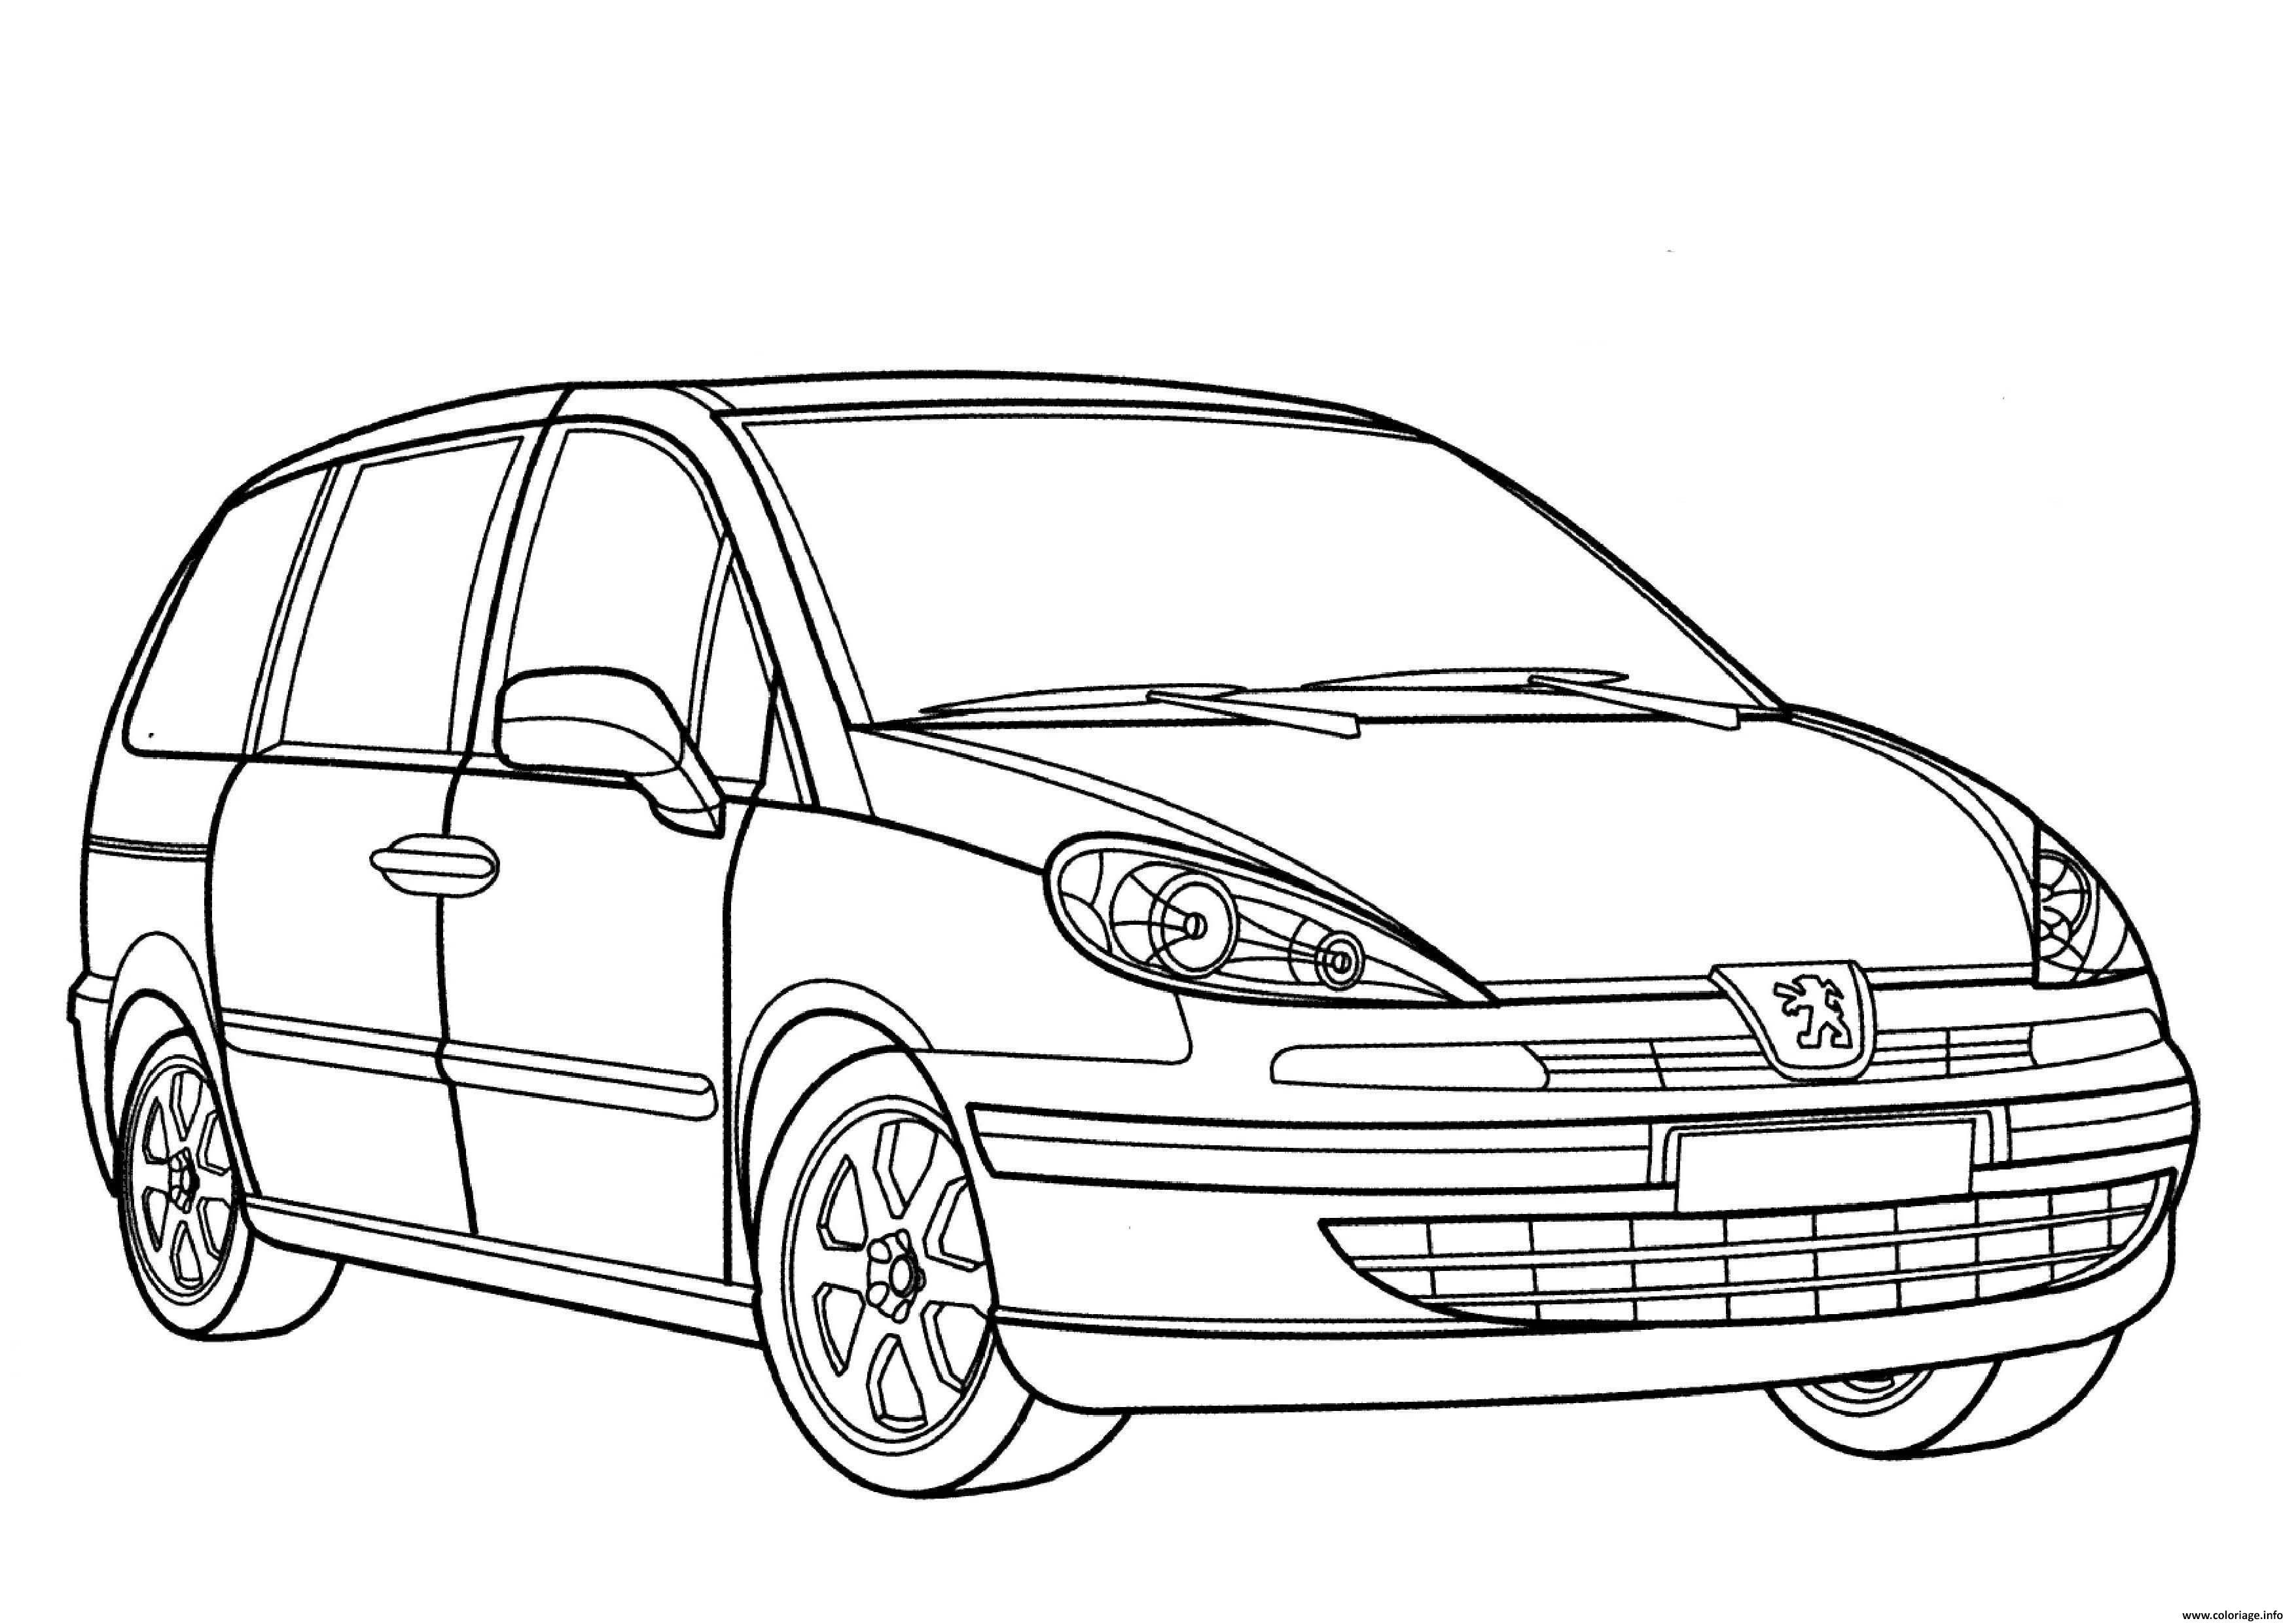 Coloriage Adulte Voiture.Coloriage Voiture Peugeot 807 Dessin